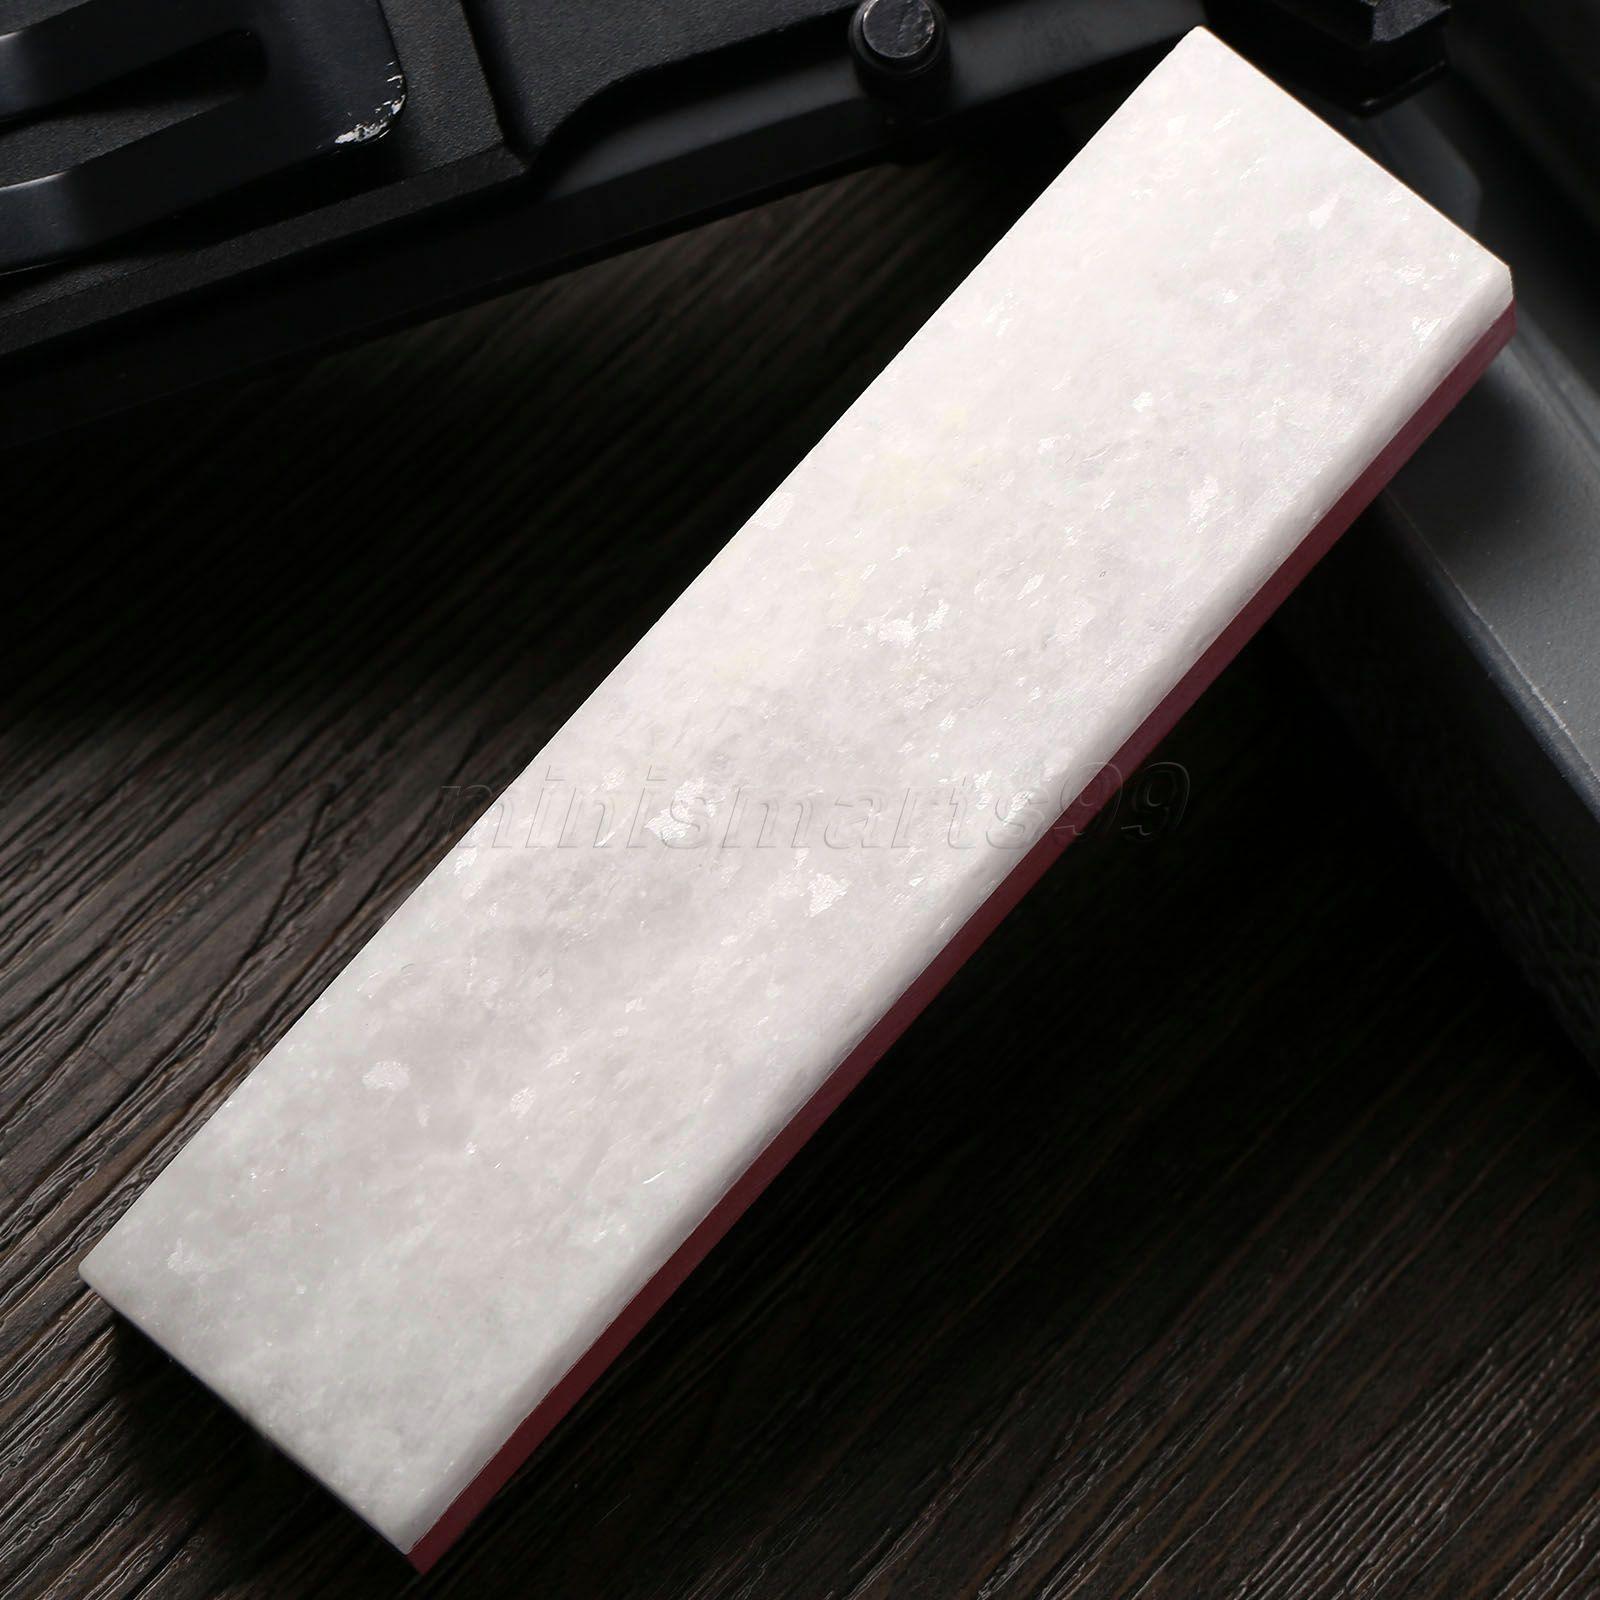 3000 & 10000 dvostruka bočna oštrica kamena uljni nož za oštrenje - Kuhinja, blagovaonica i bar - Foto 2